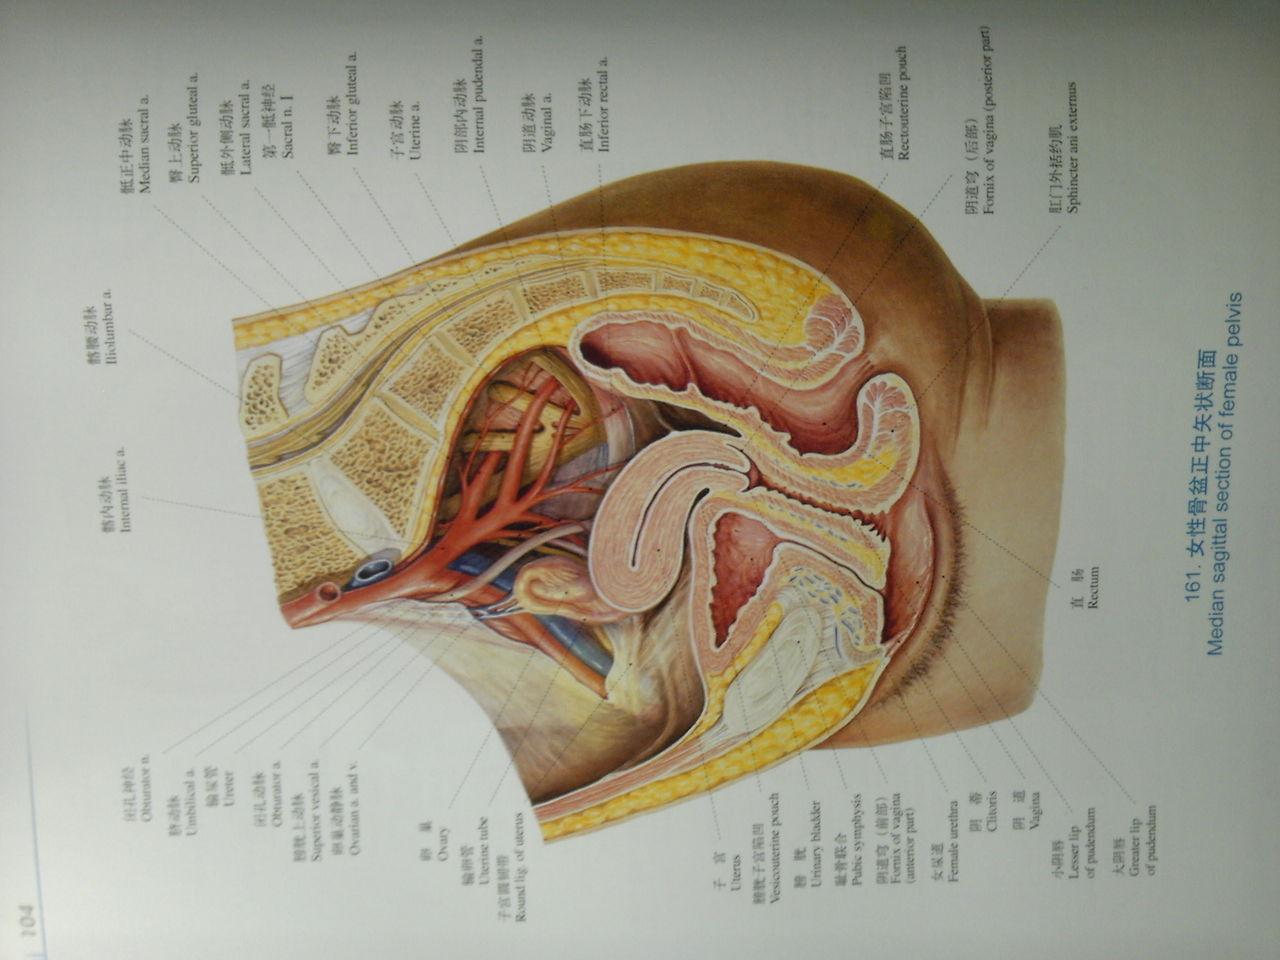 女性生殖系统剖面图侧面